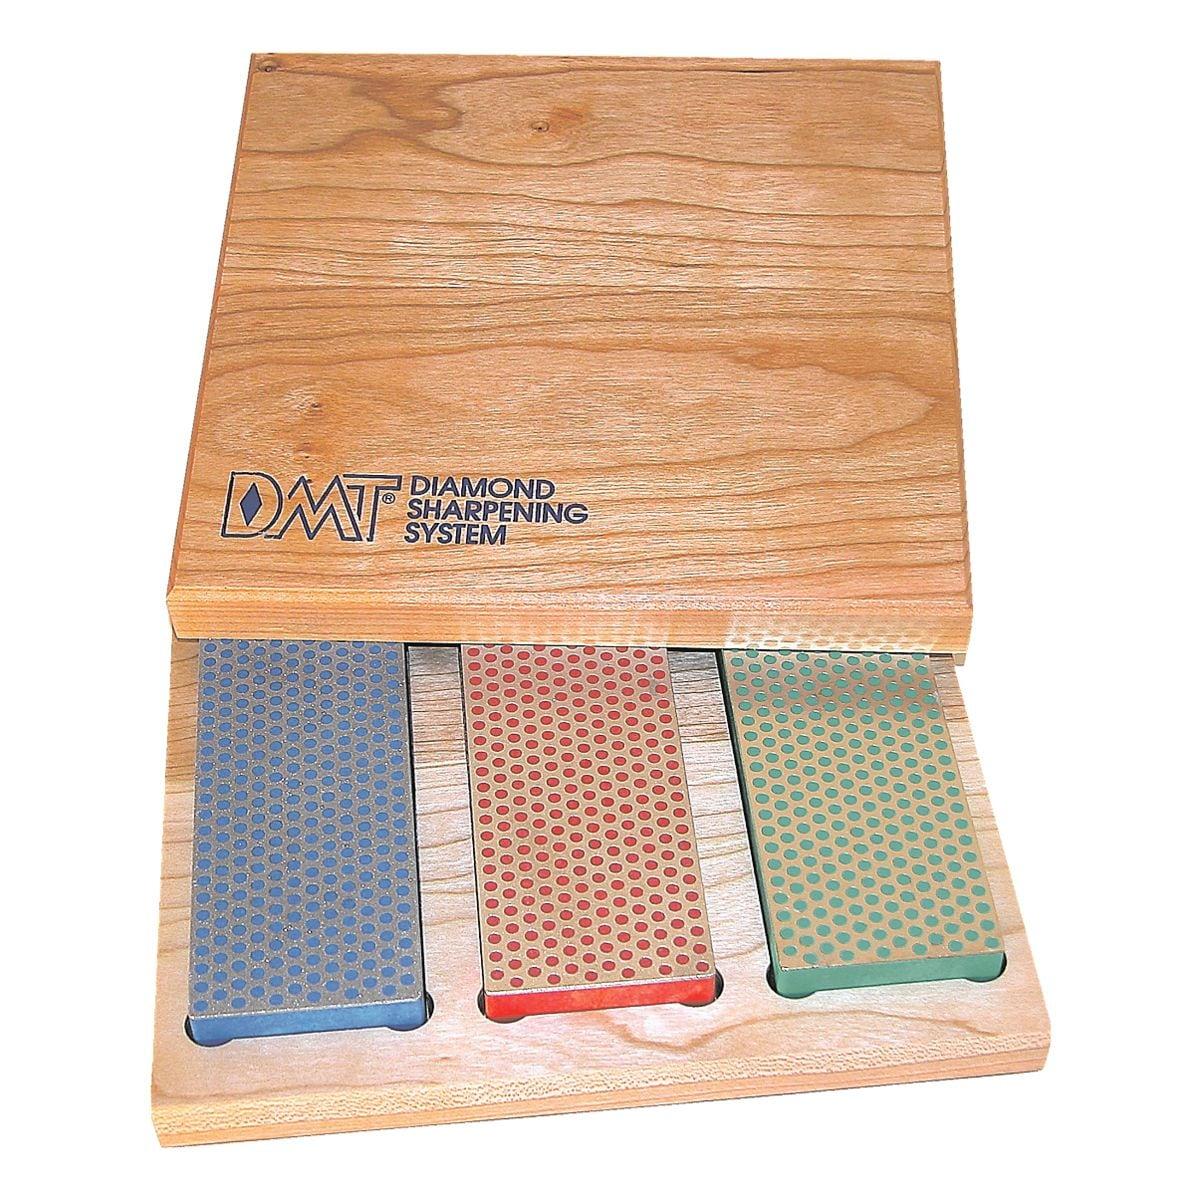 DMT 3-tlg. Diamantschärferstein-Set in Holzbox